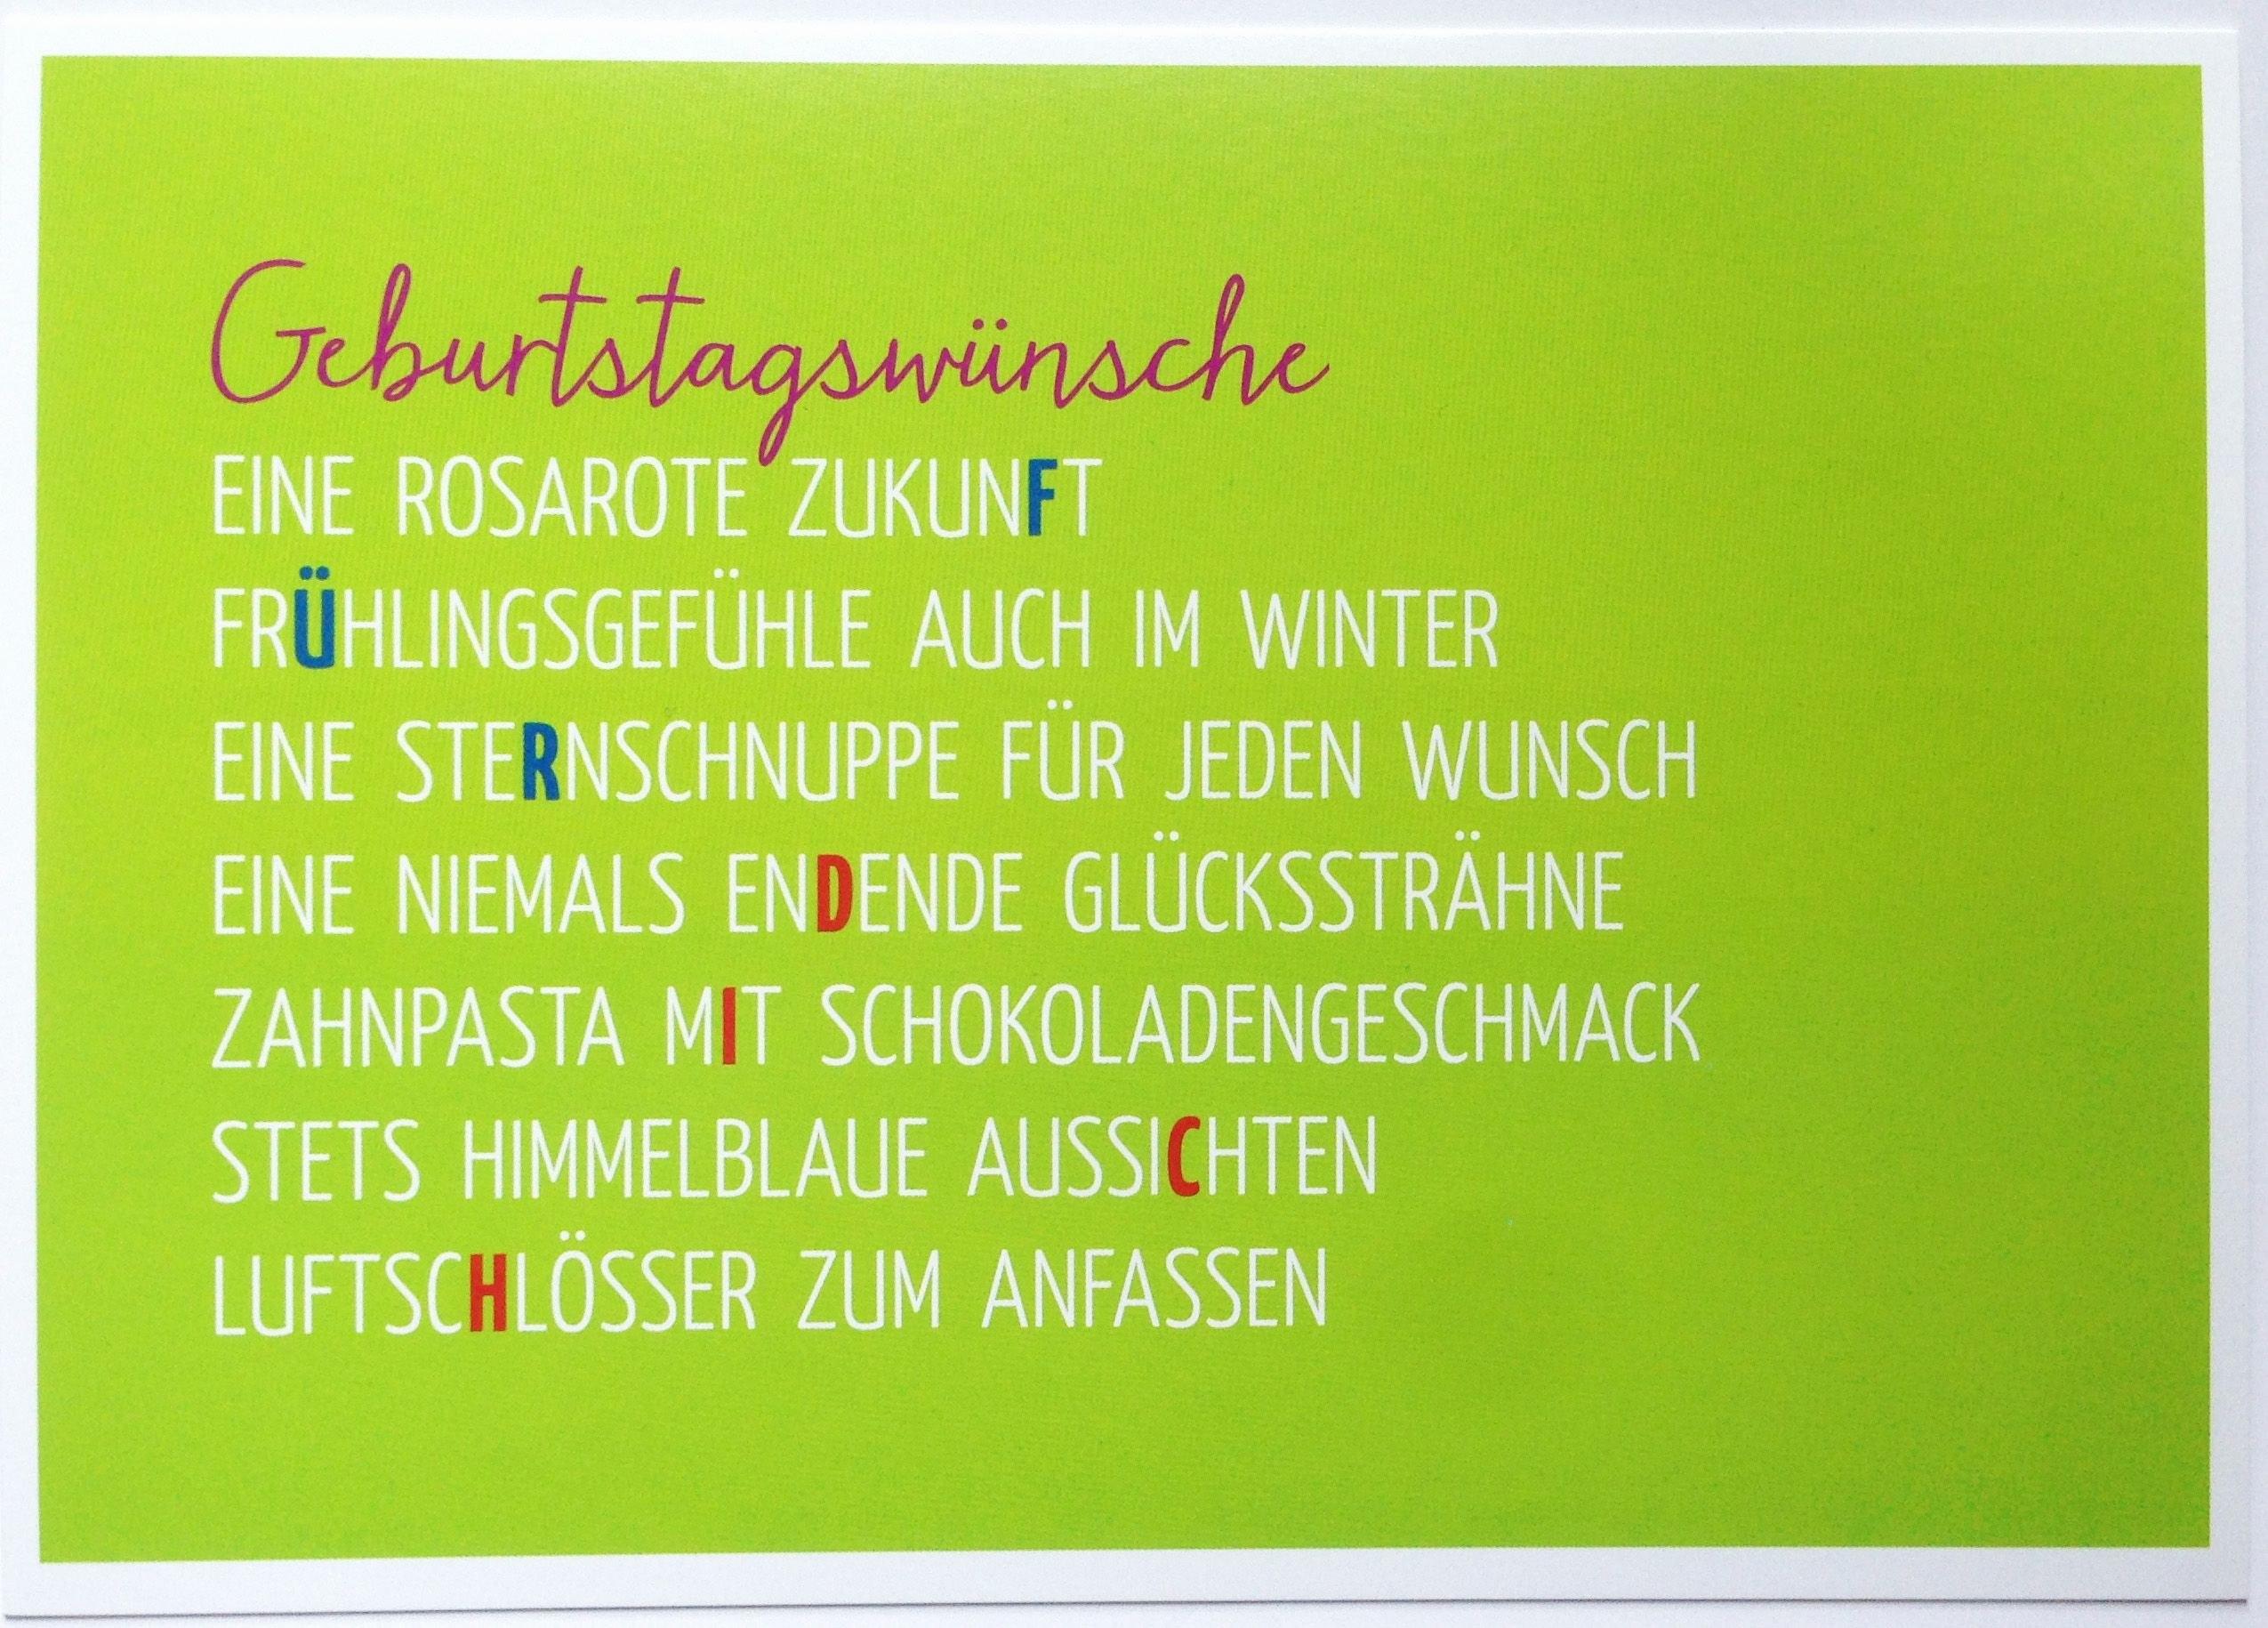 Geburtstagskarten Kostenlos Runterladen Frisch Lustige ganzes Lustige Bilder Kostenlos Runterladen